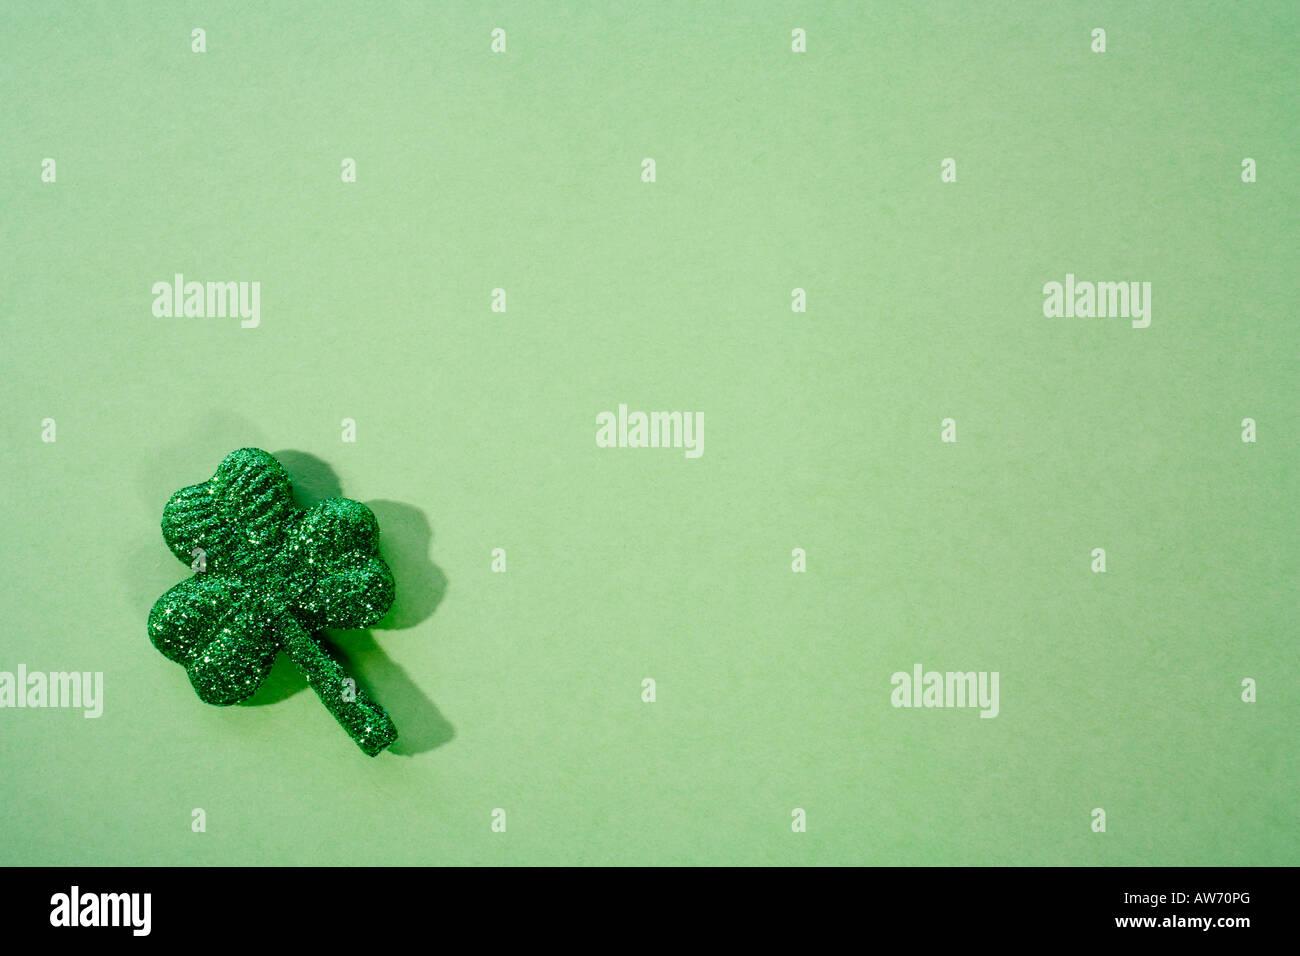 Shamrock - Stock Image